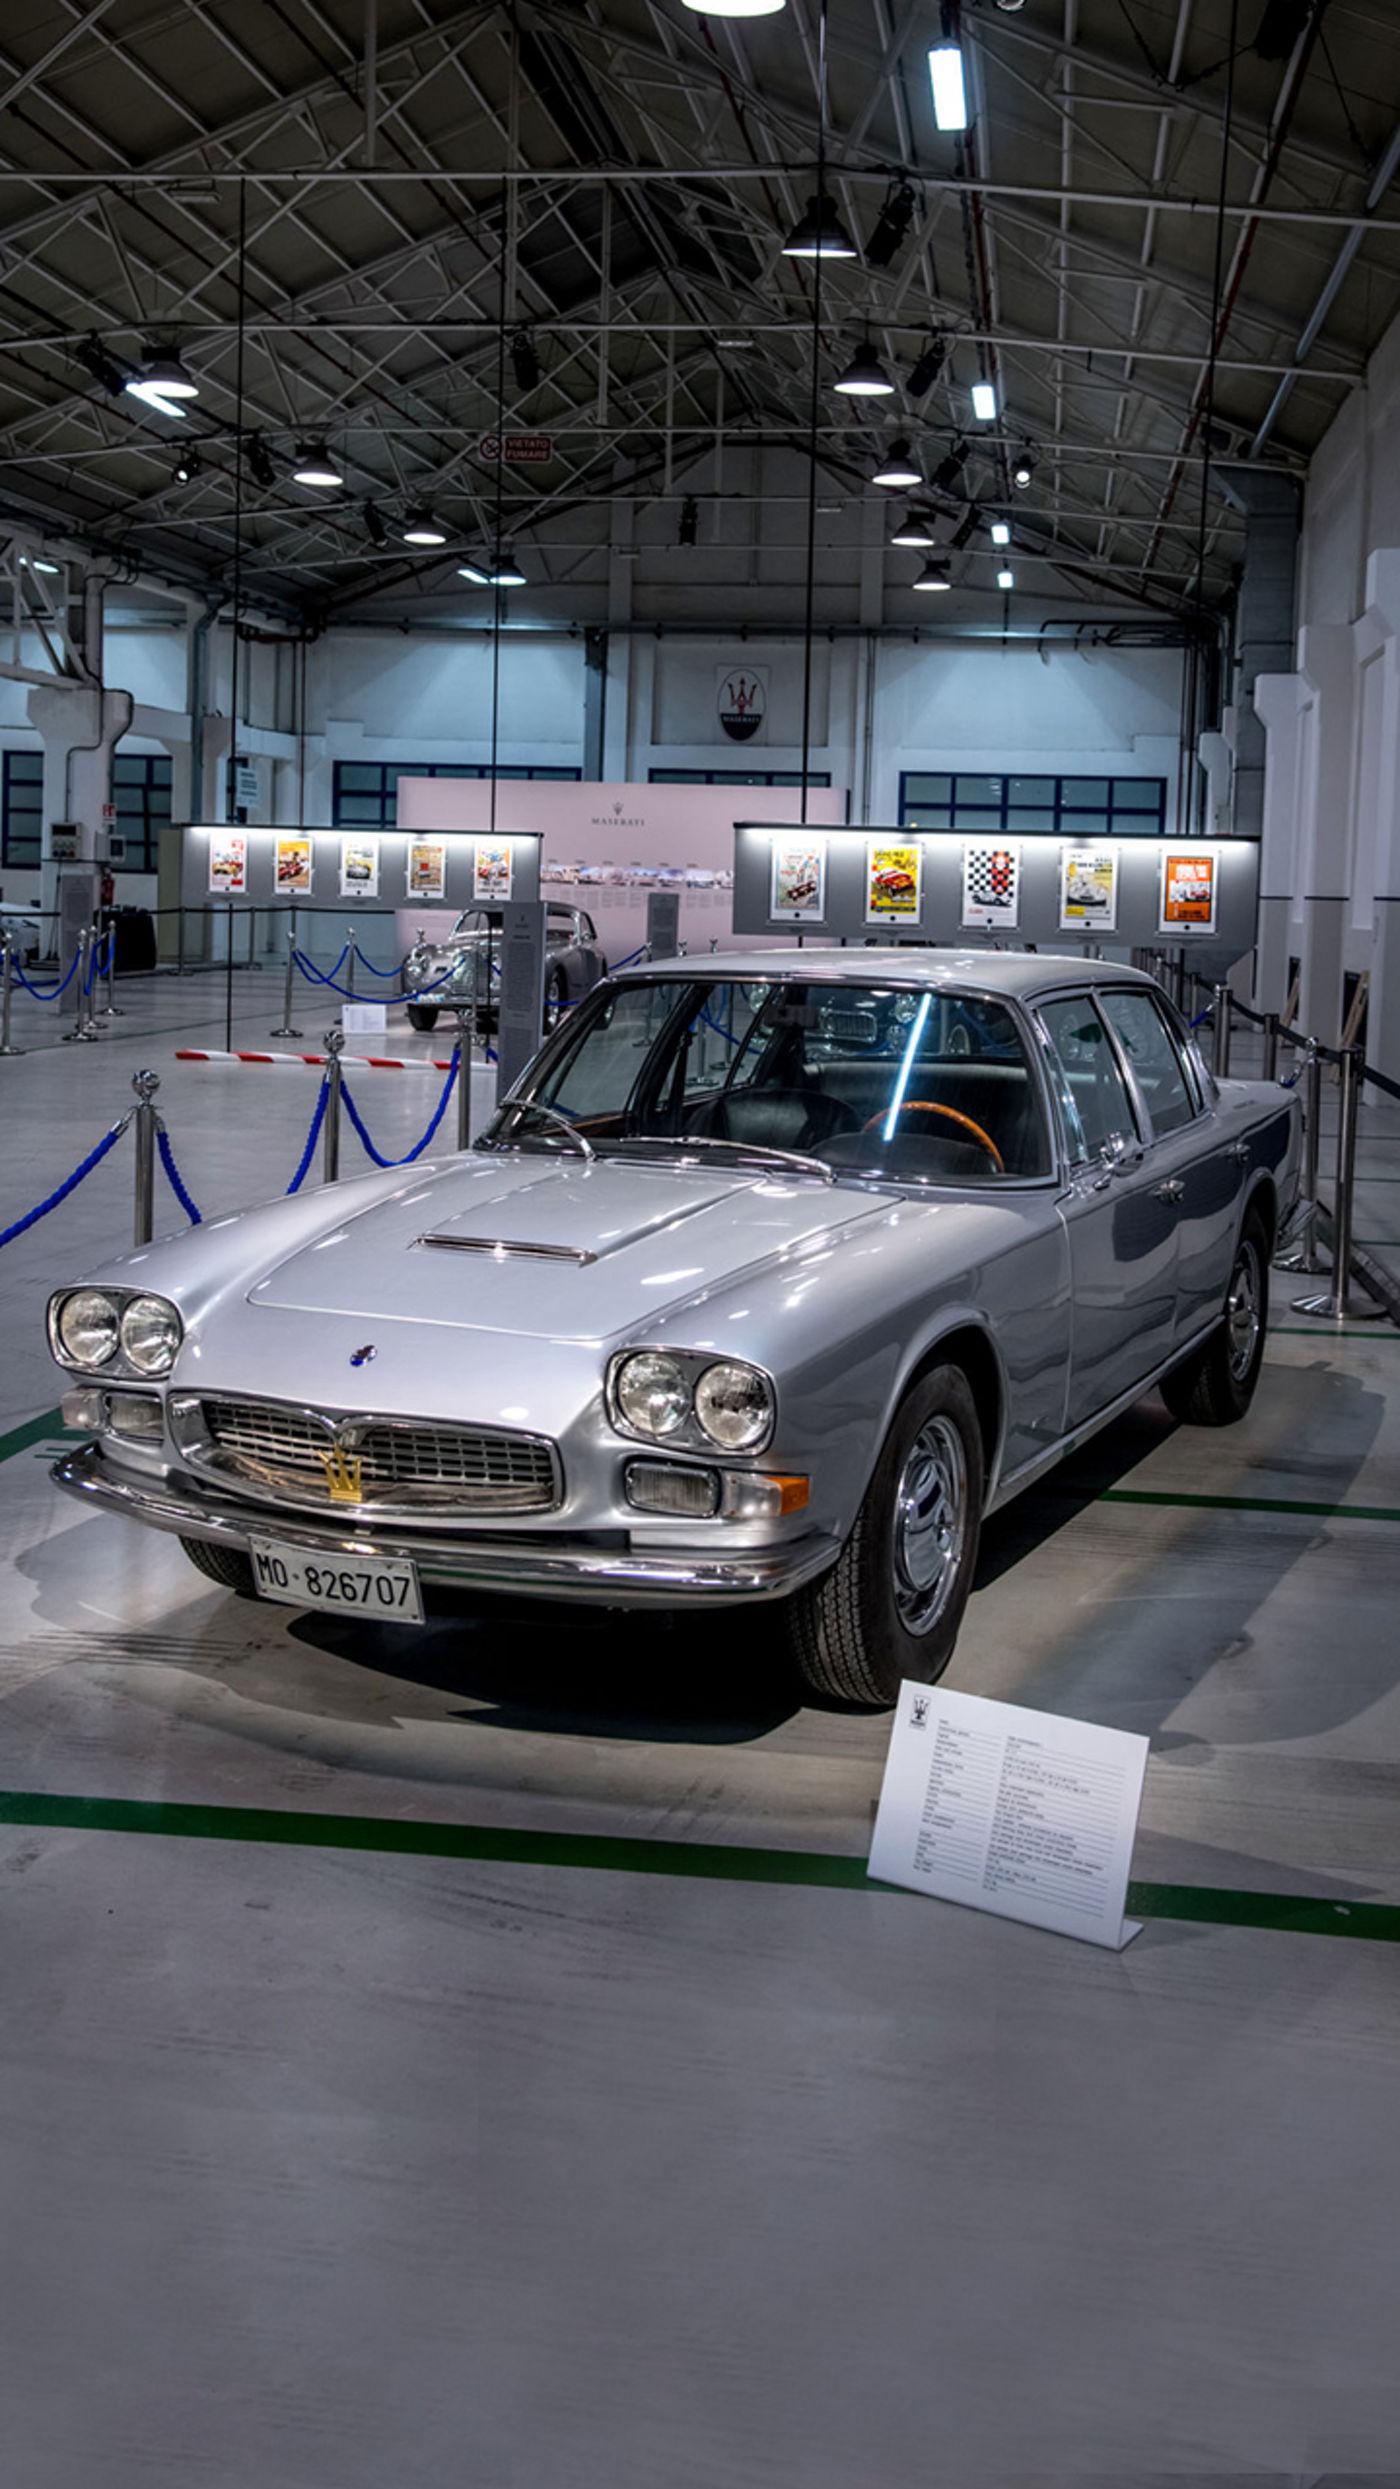 Maserati Quattroporte Prima Generazione - Motor Valley Fest 2019